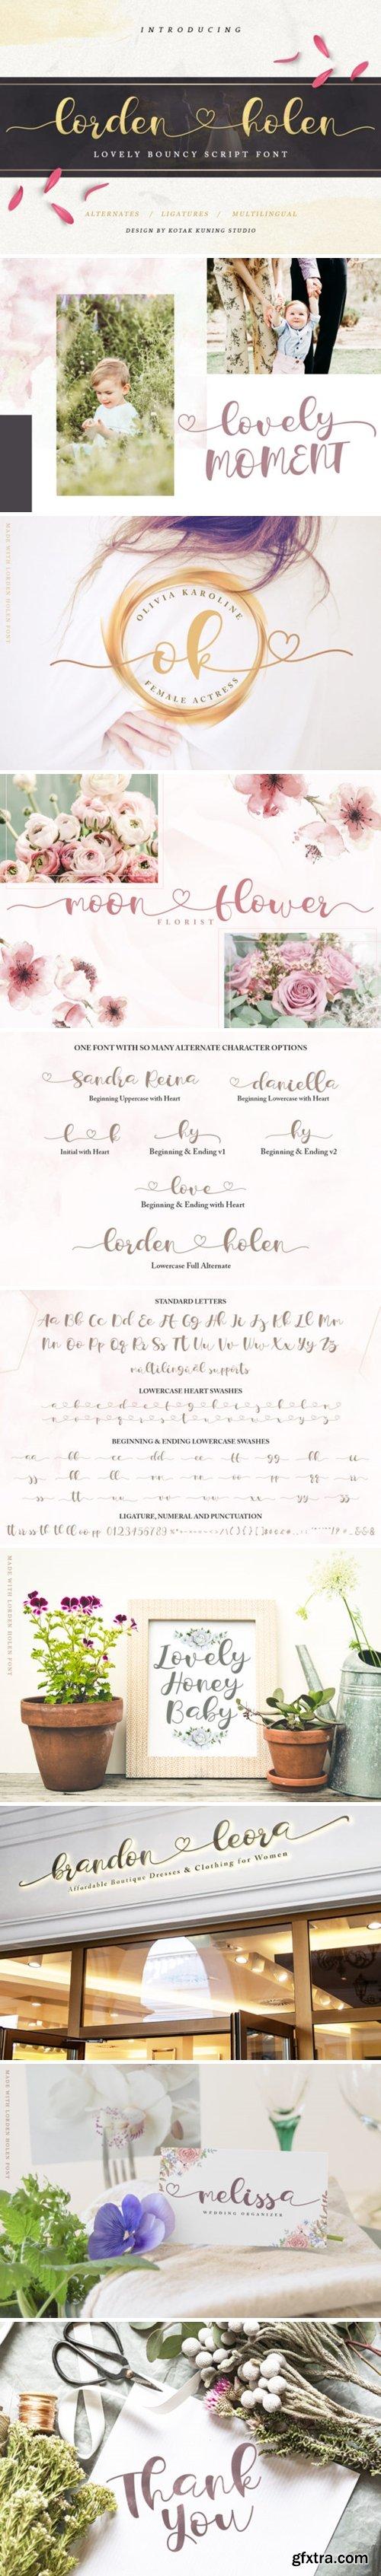 CM - Lorden Holen Lovely Script 3651889